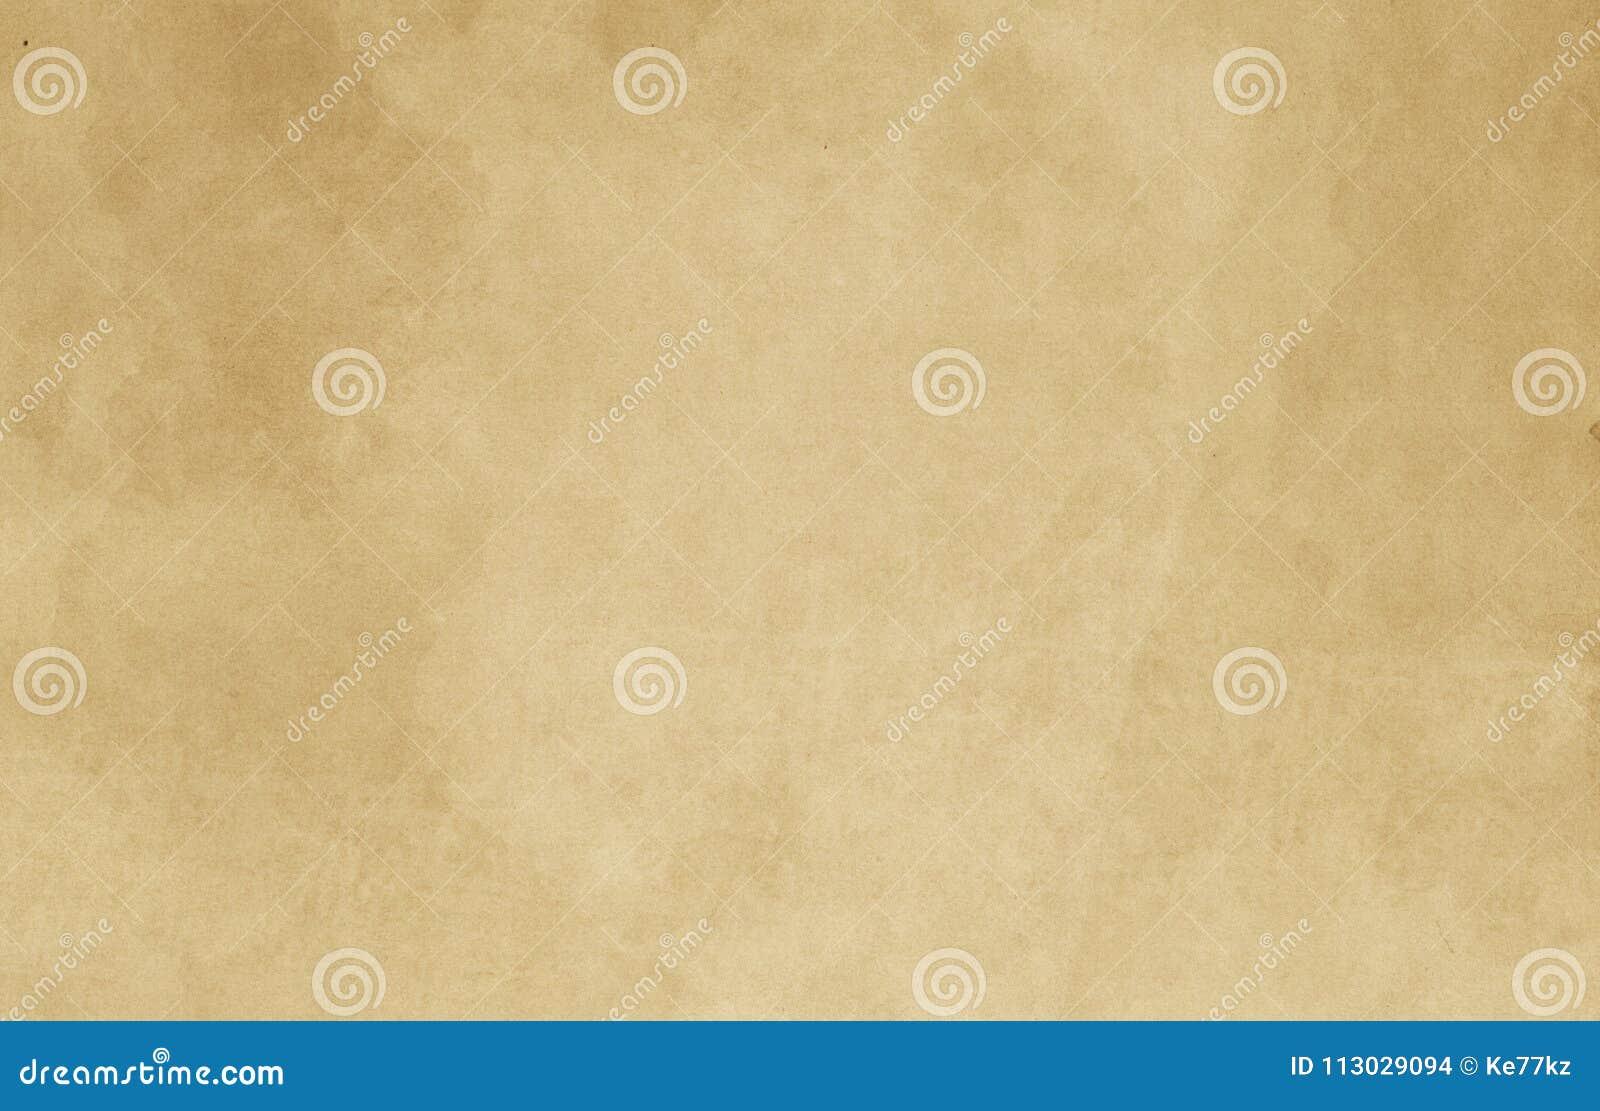 Vieja textura manchada del papel